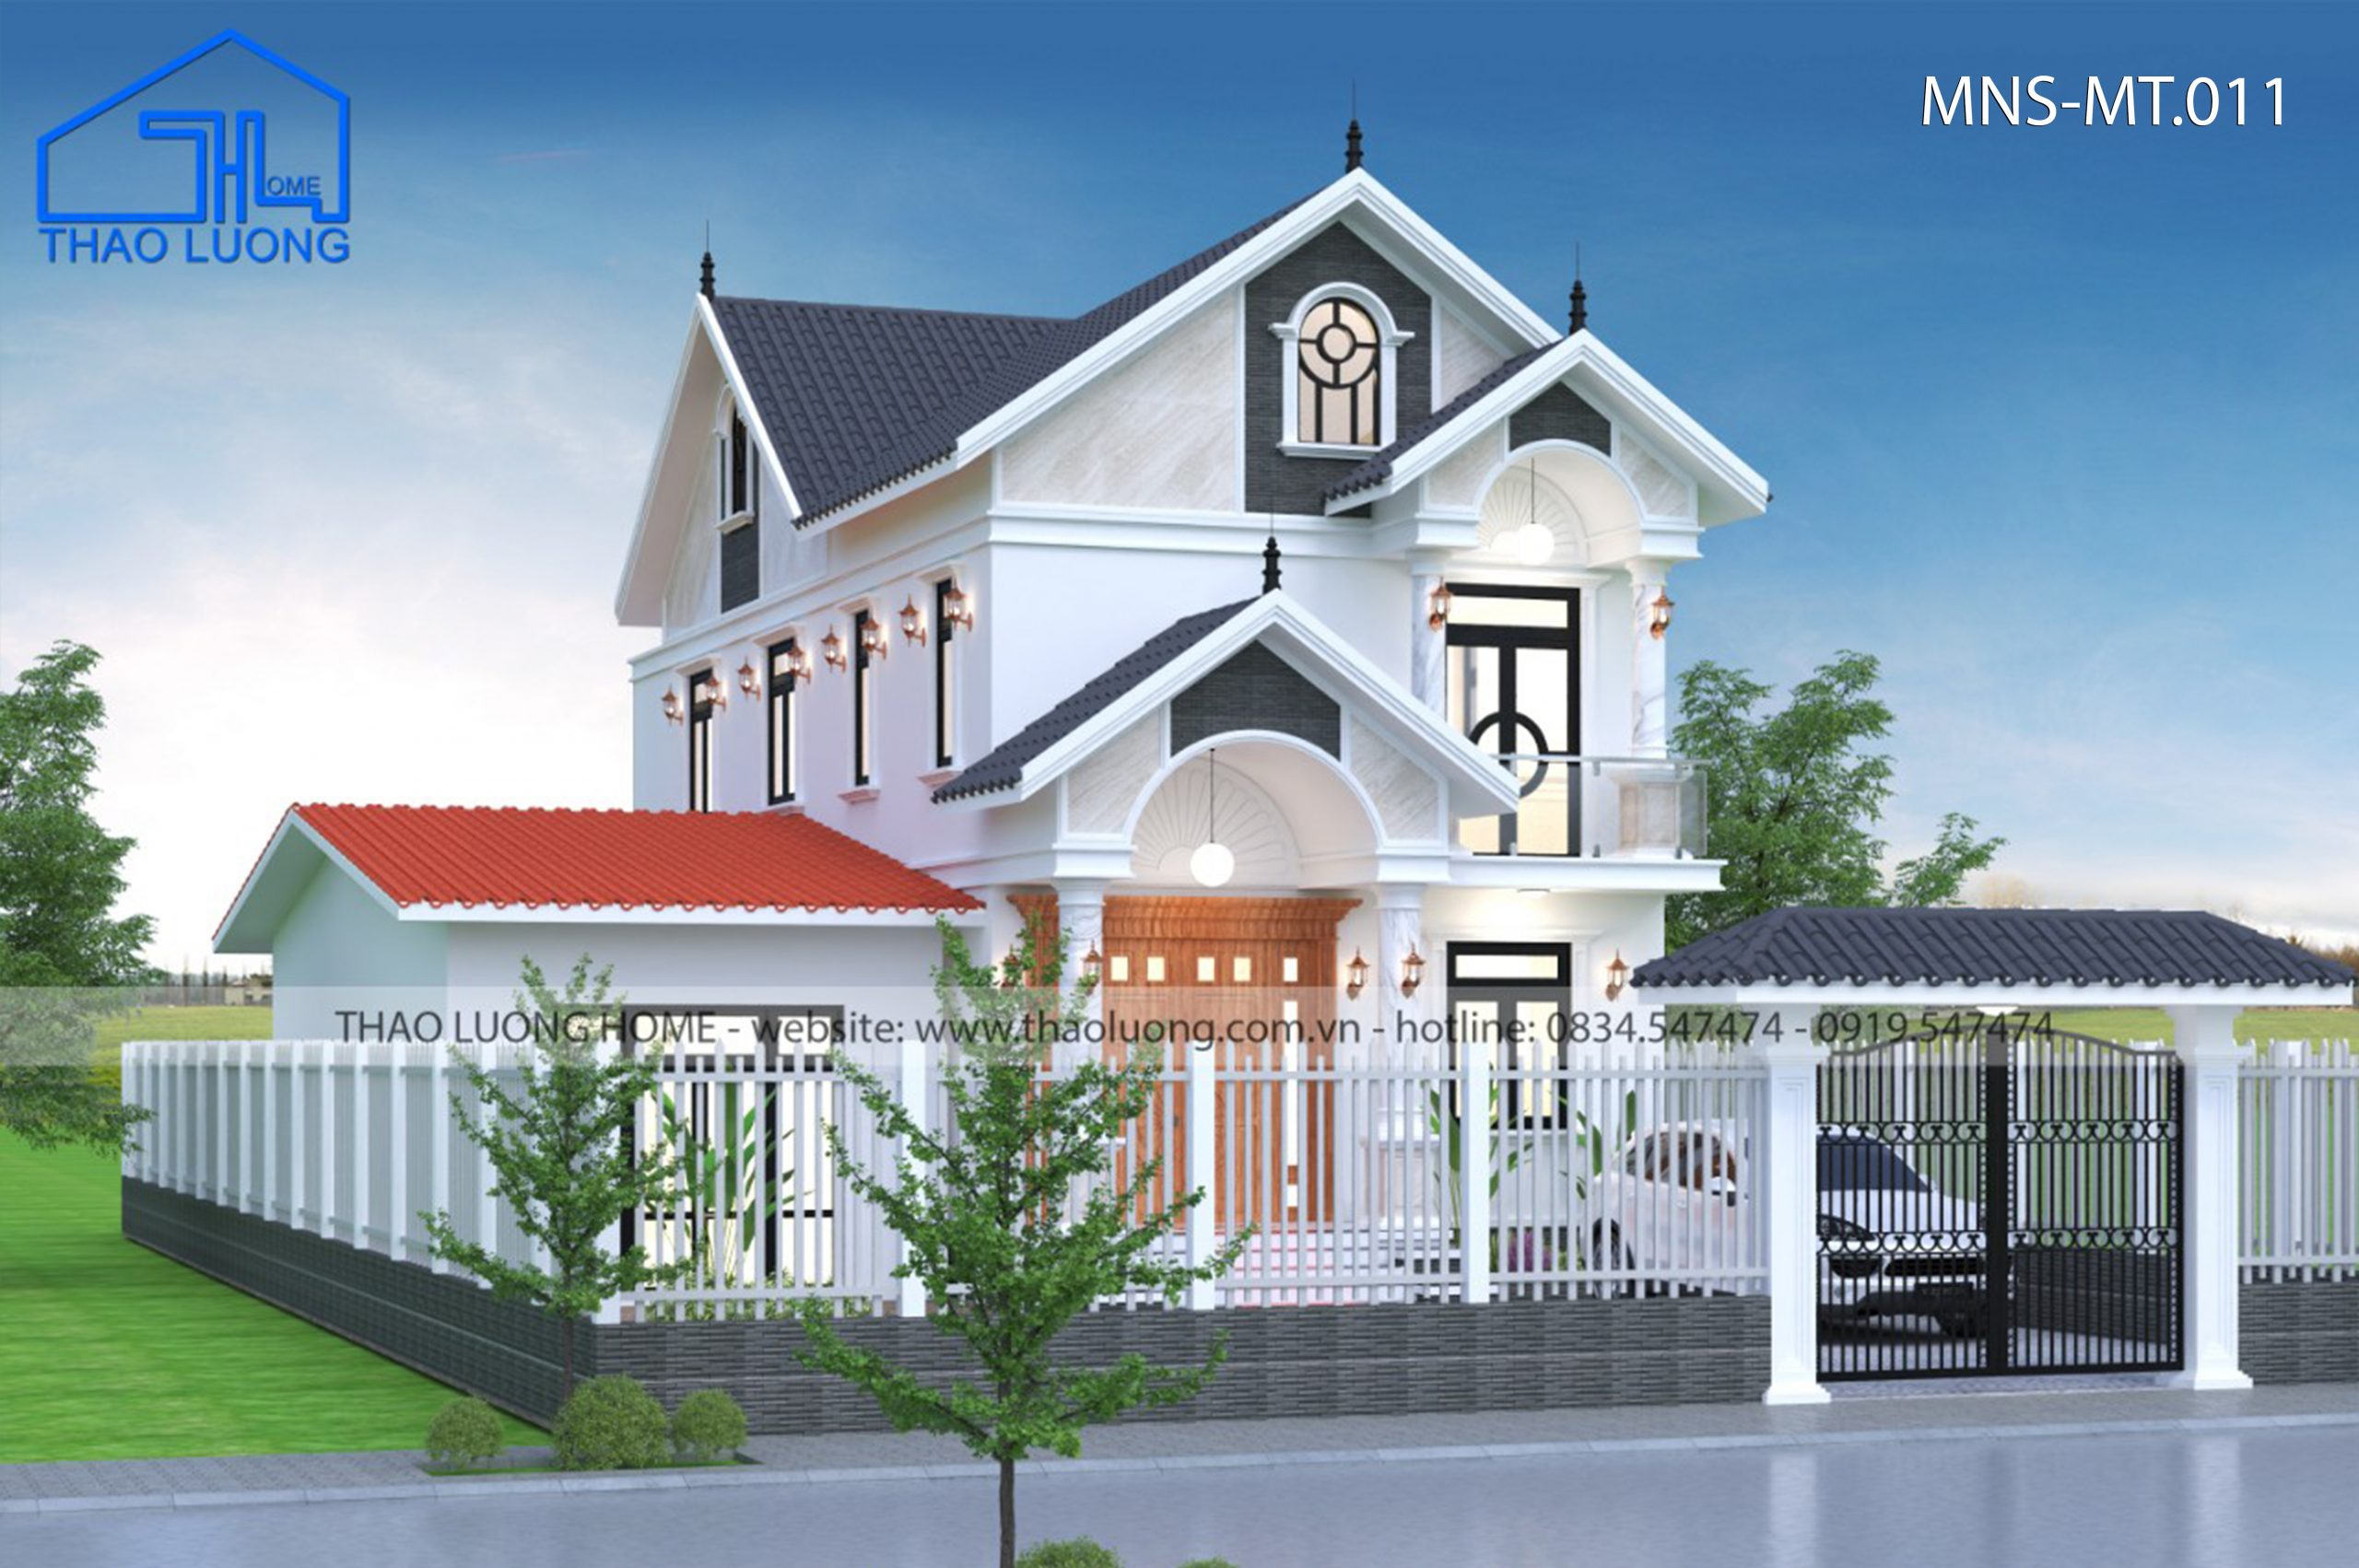 Nhà mái Thái 2 tầng MT 011